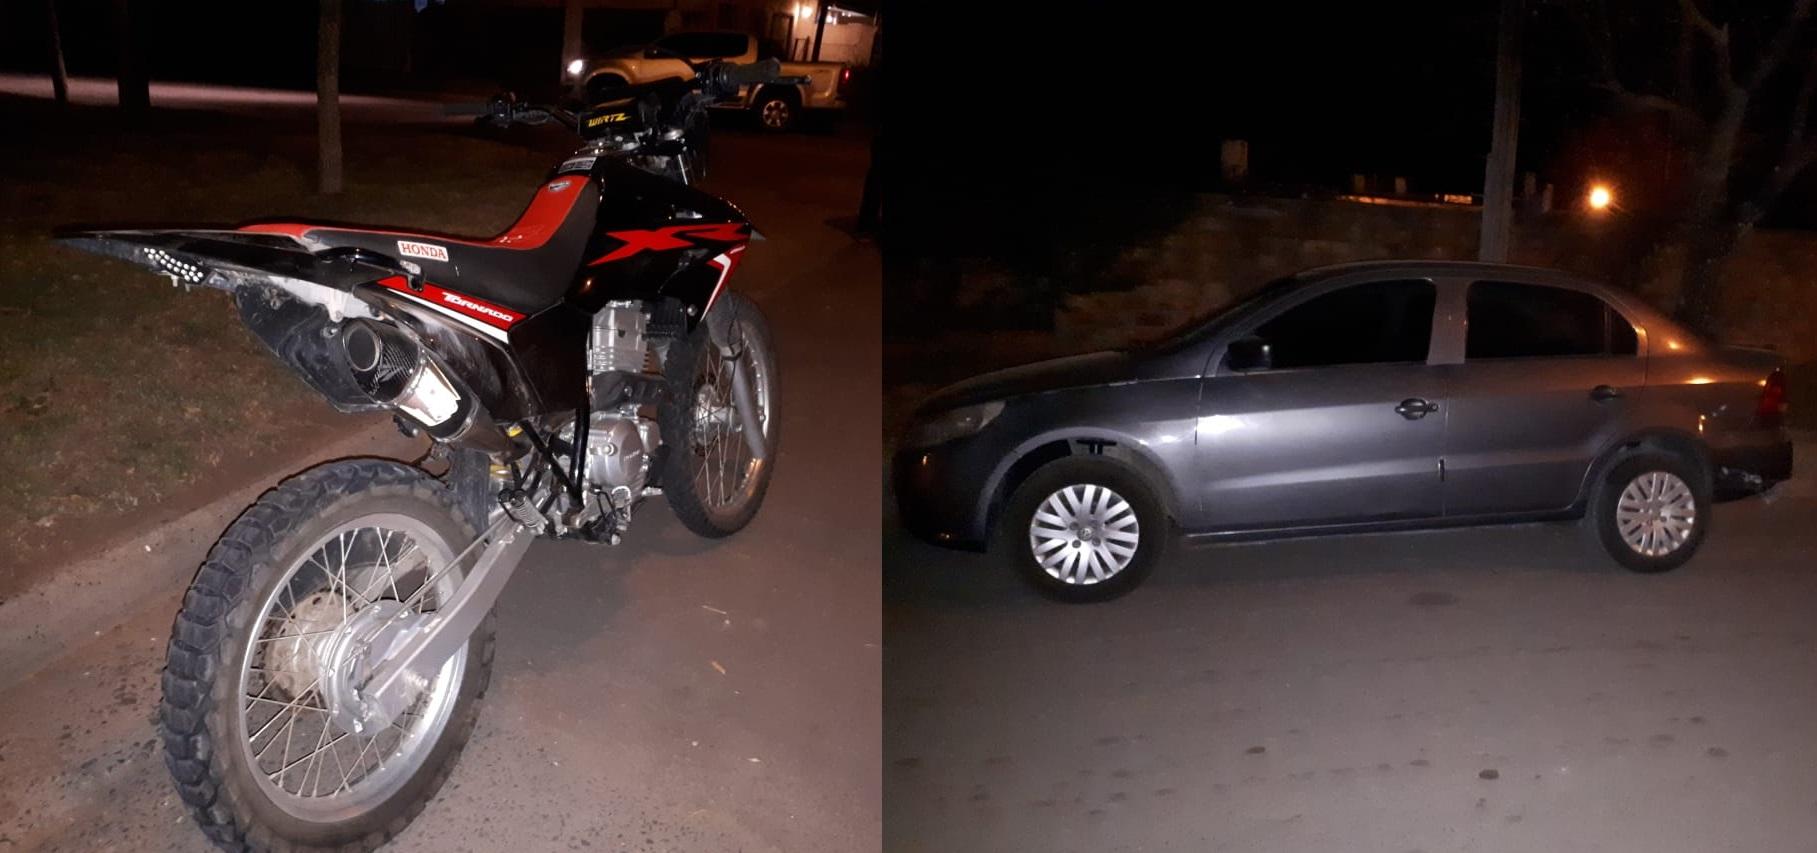 Fuerte choque entre un auto y una moto en Alvear: El motociclista fue derivado a General Pico y se encuentra internado en terapia intensiva